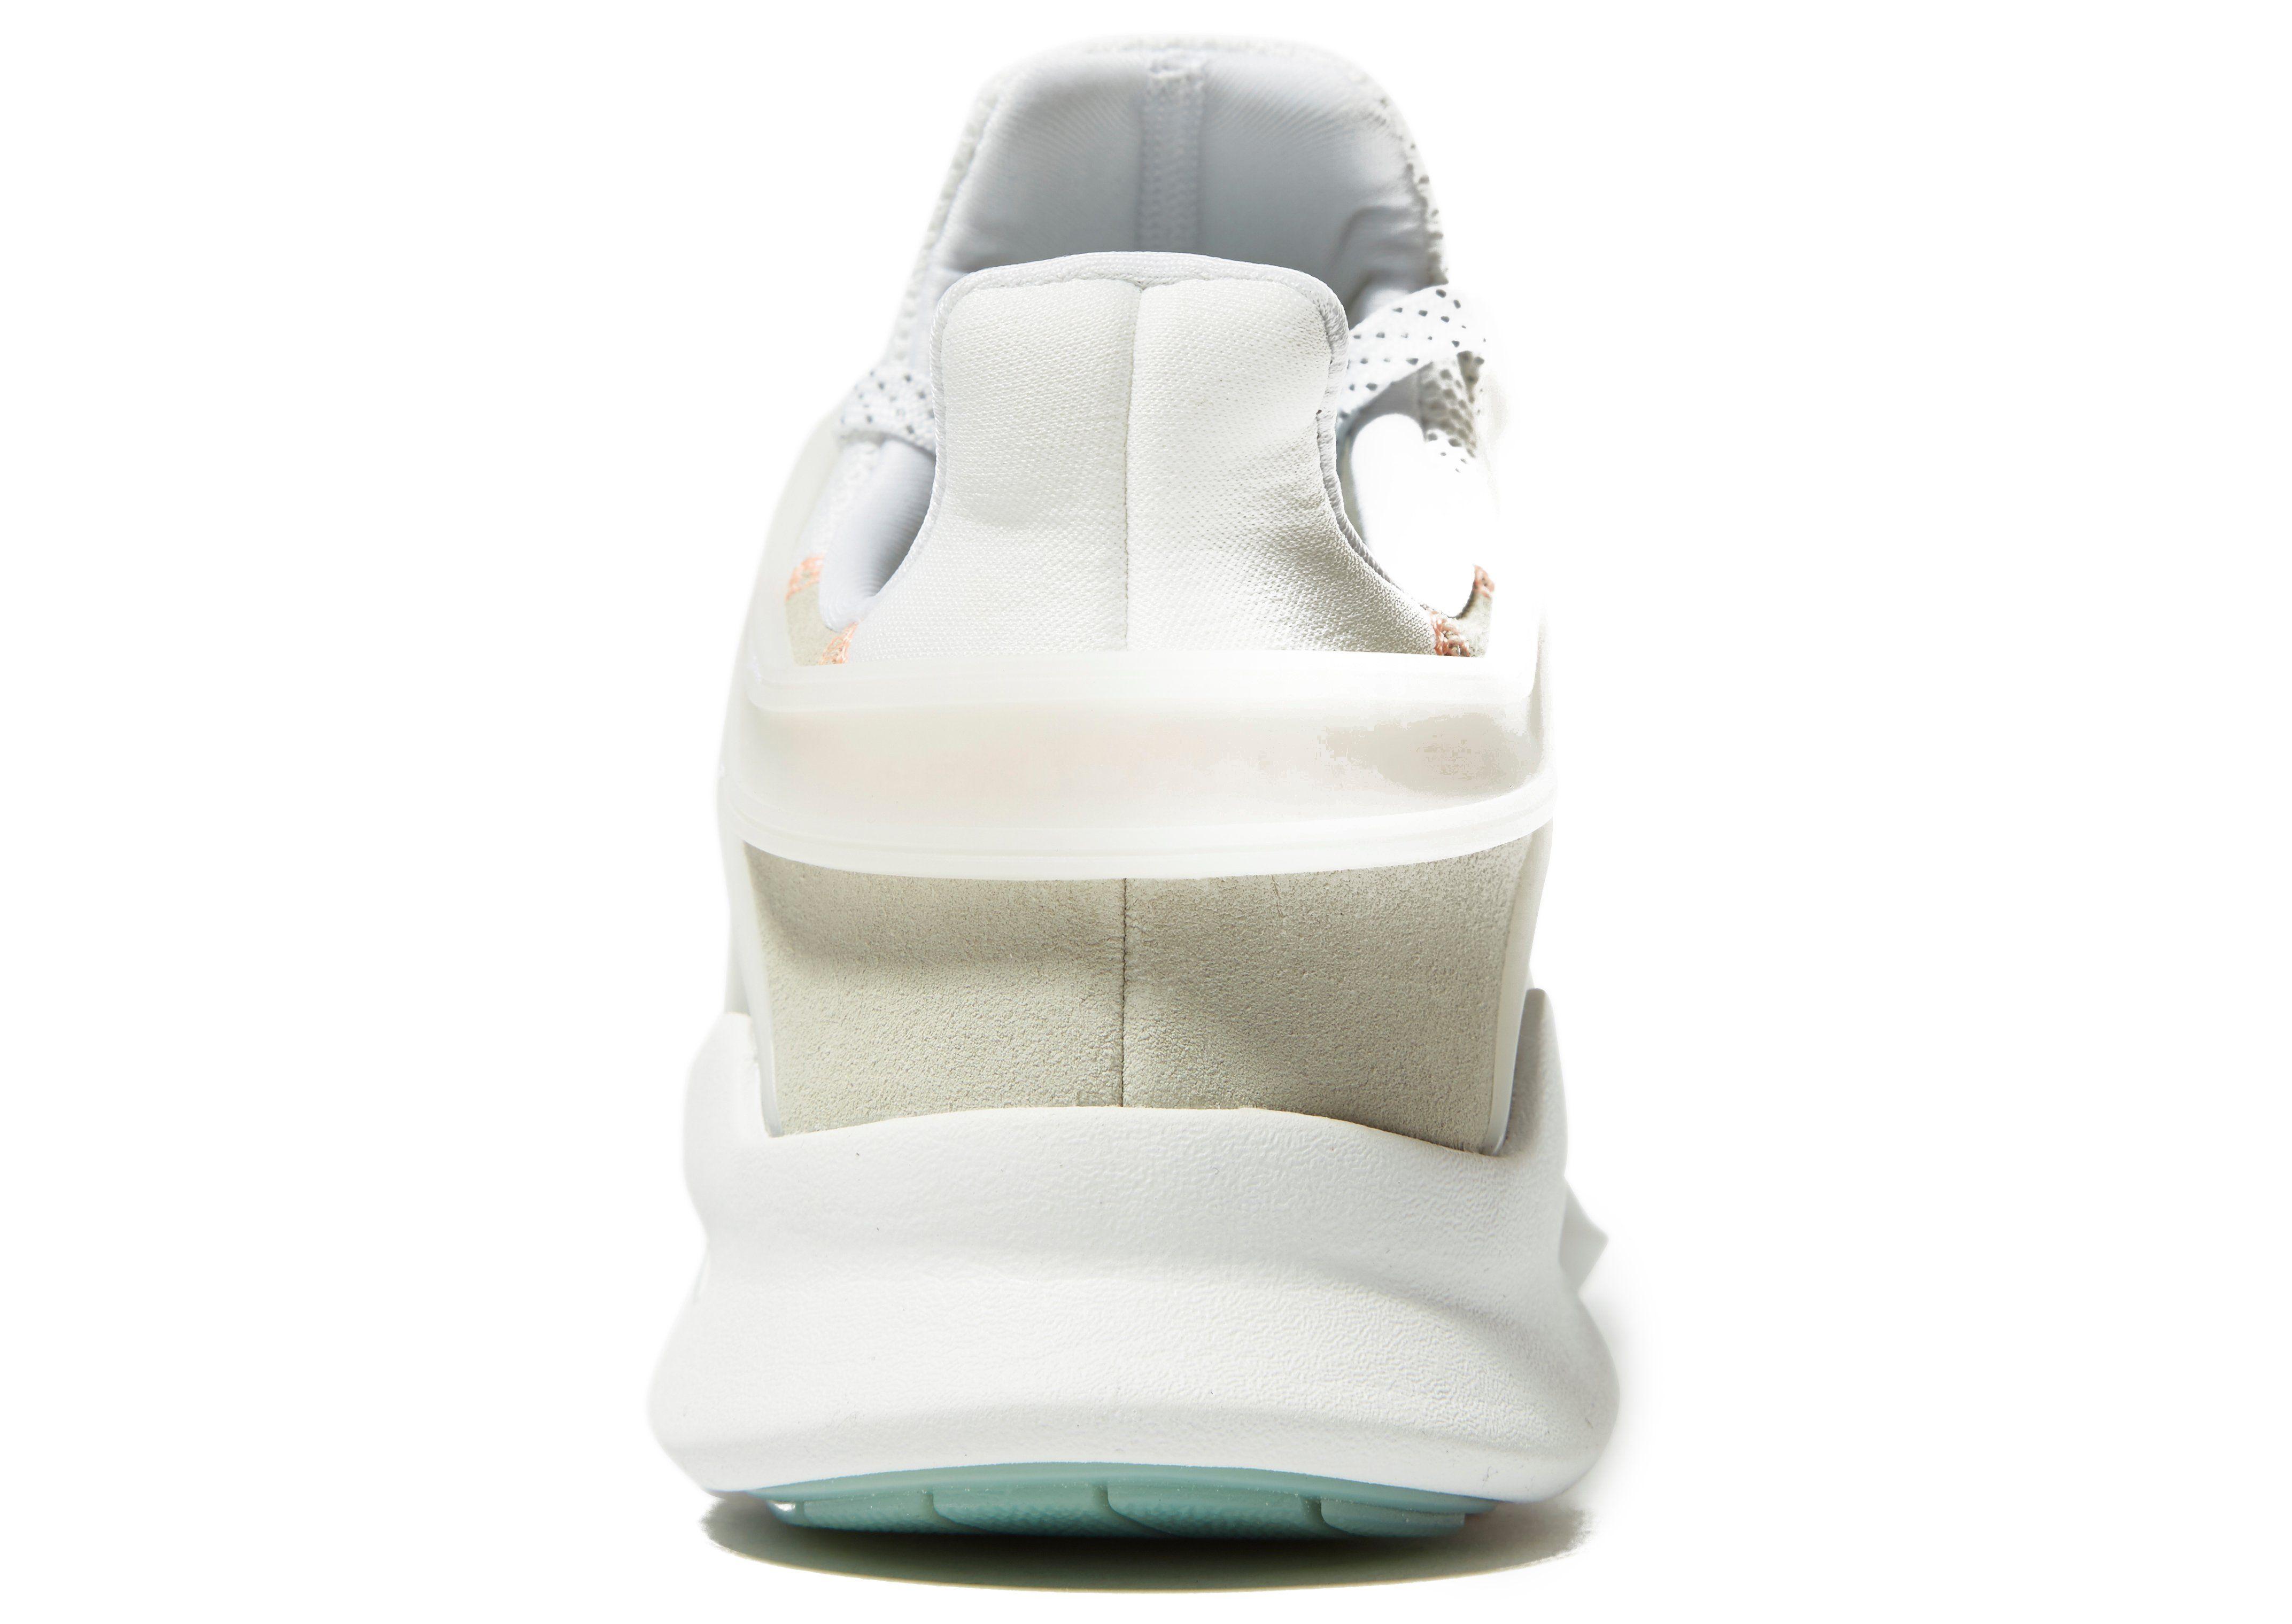 adidas Originals EQT Support ADV Damen Weiss Shop Günstigen Preis Wirklich Zum Verkauf Erhalten Zu Kaufen Freie Verschiffen-Angebote Spielraum Echt 4XNVZ0w